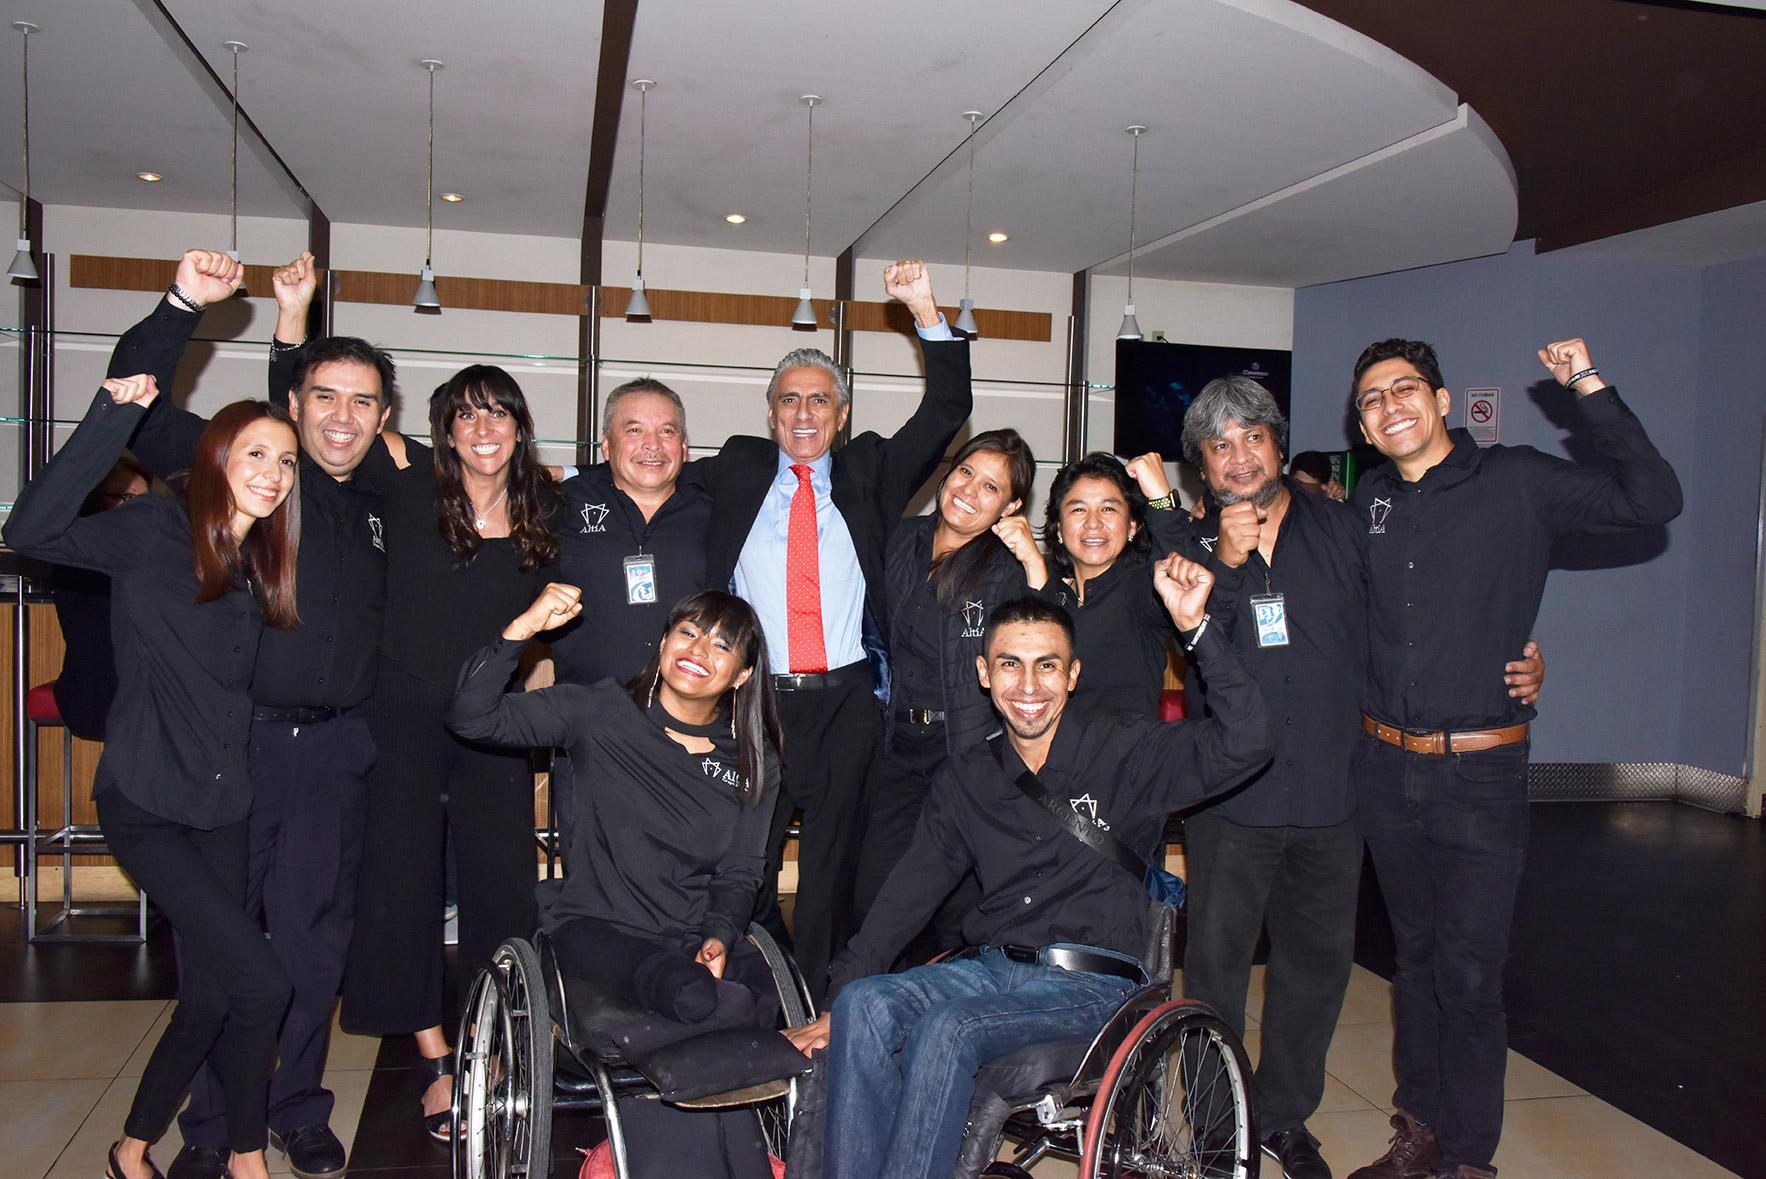 <h3>Evento de recaudación de Grupo Altía I.A.P.<br /><strong>Premiere Nacional «Campeones»</strong><br />Cinemex WTC, CDMX. Septiembre 11, 2018.</em></h3>